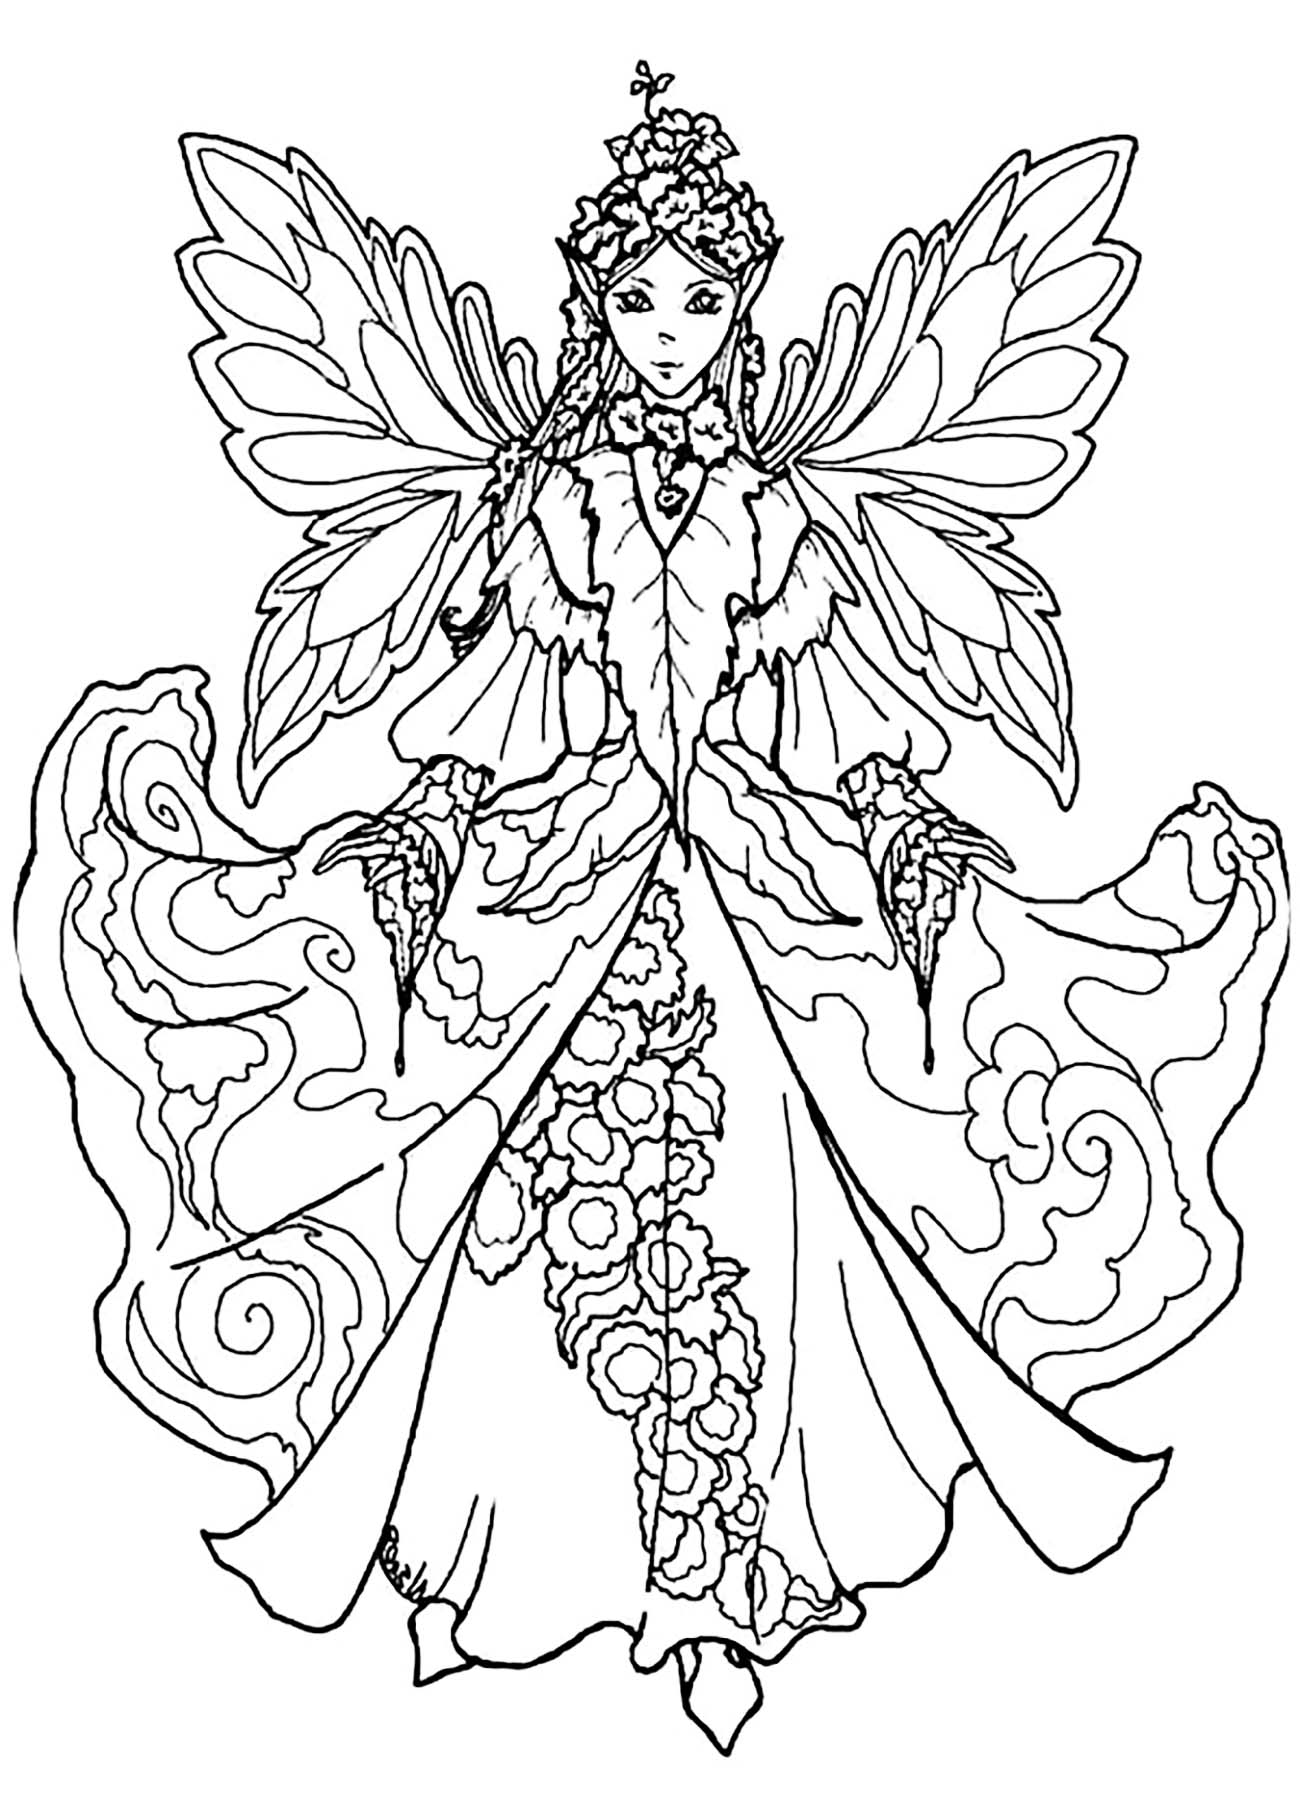 Miti e leggende 28175 myths legends disegni da - Fata immagine da colorare ...